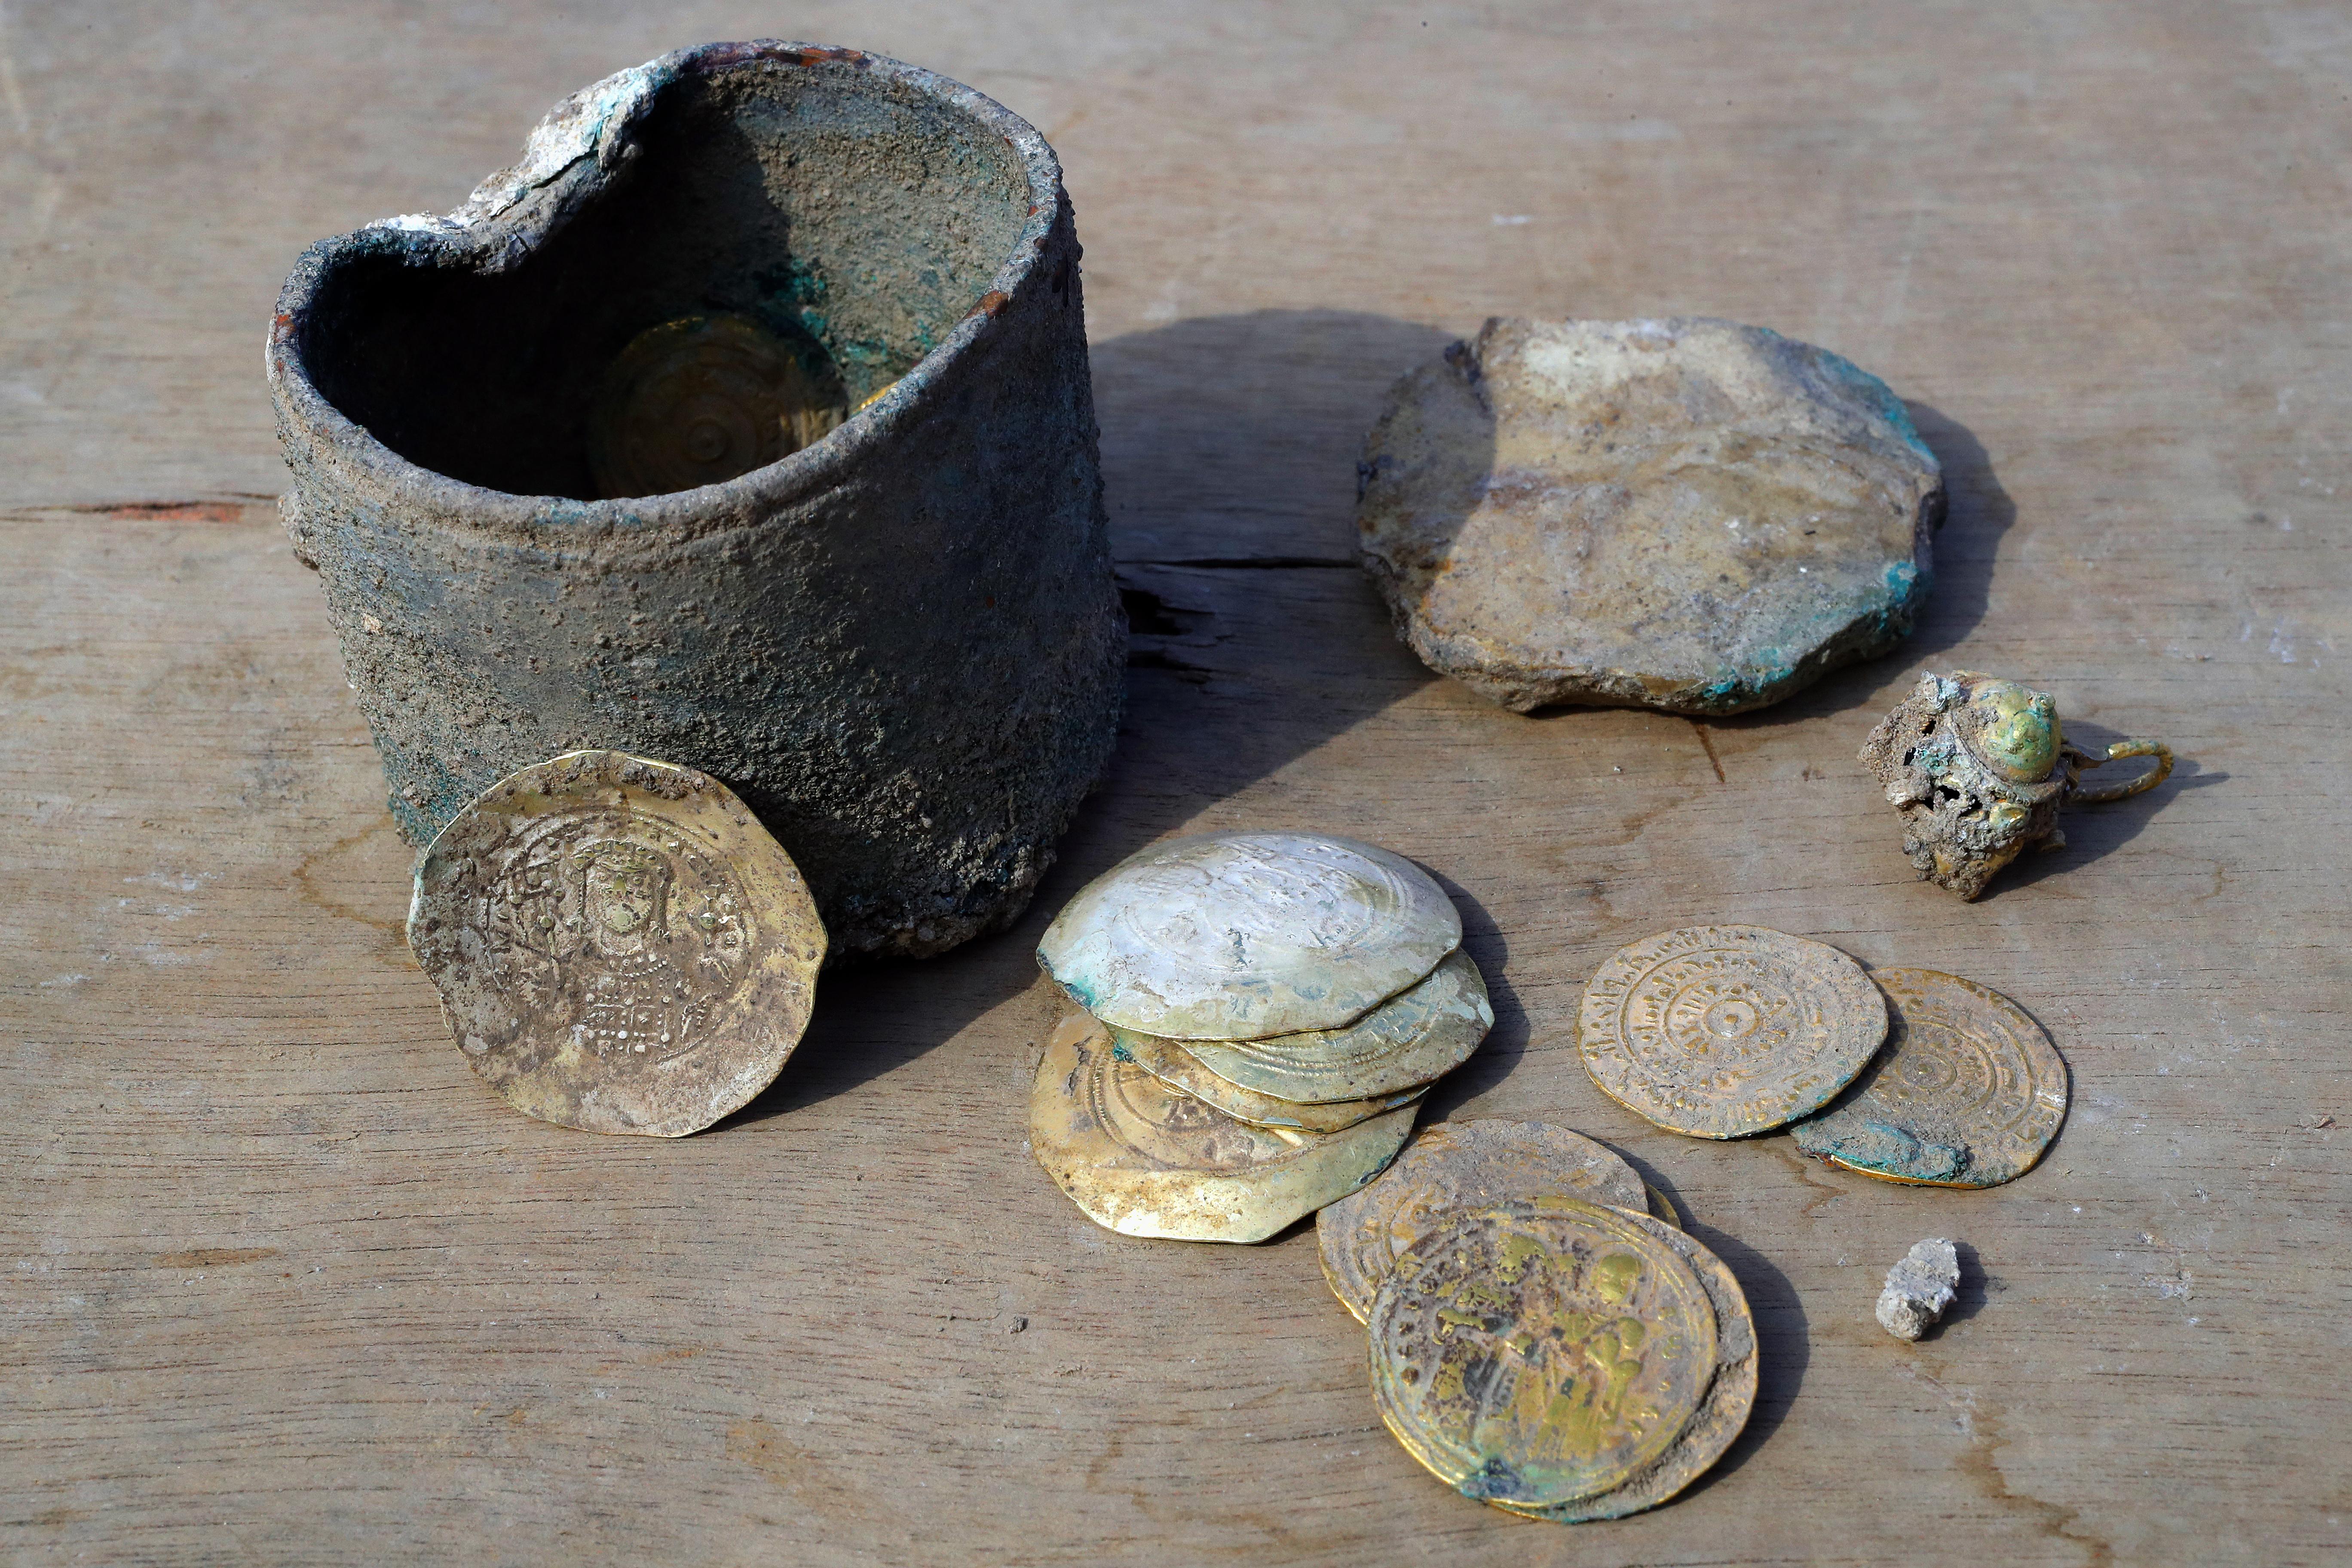 b2017b130a50 Descubren un tesoro de monedas de oro de hace 900 años en Israel ...